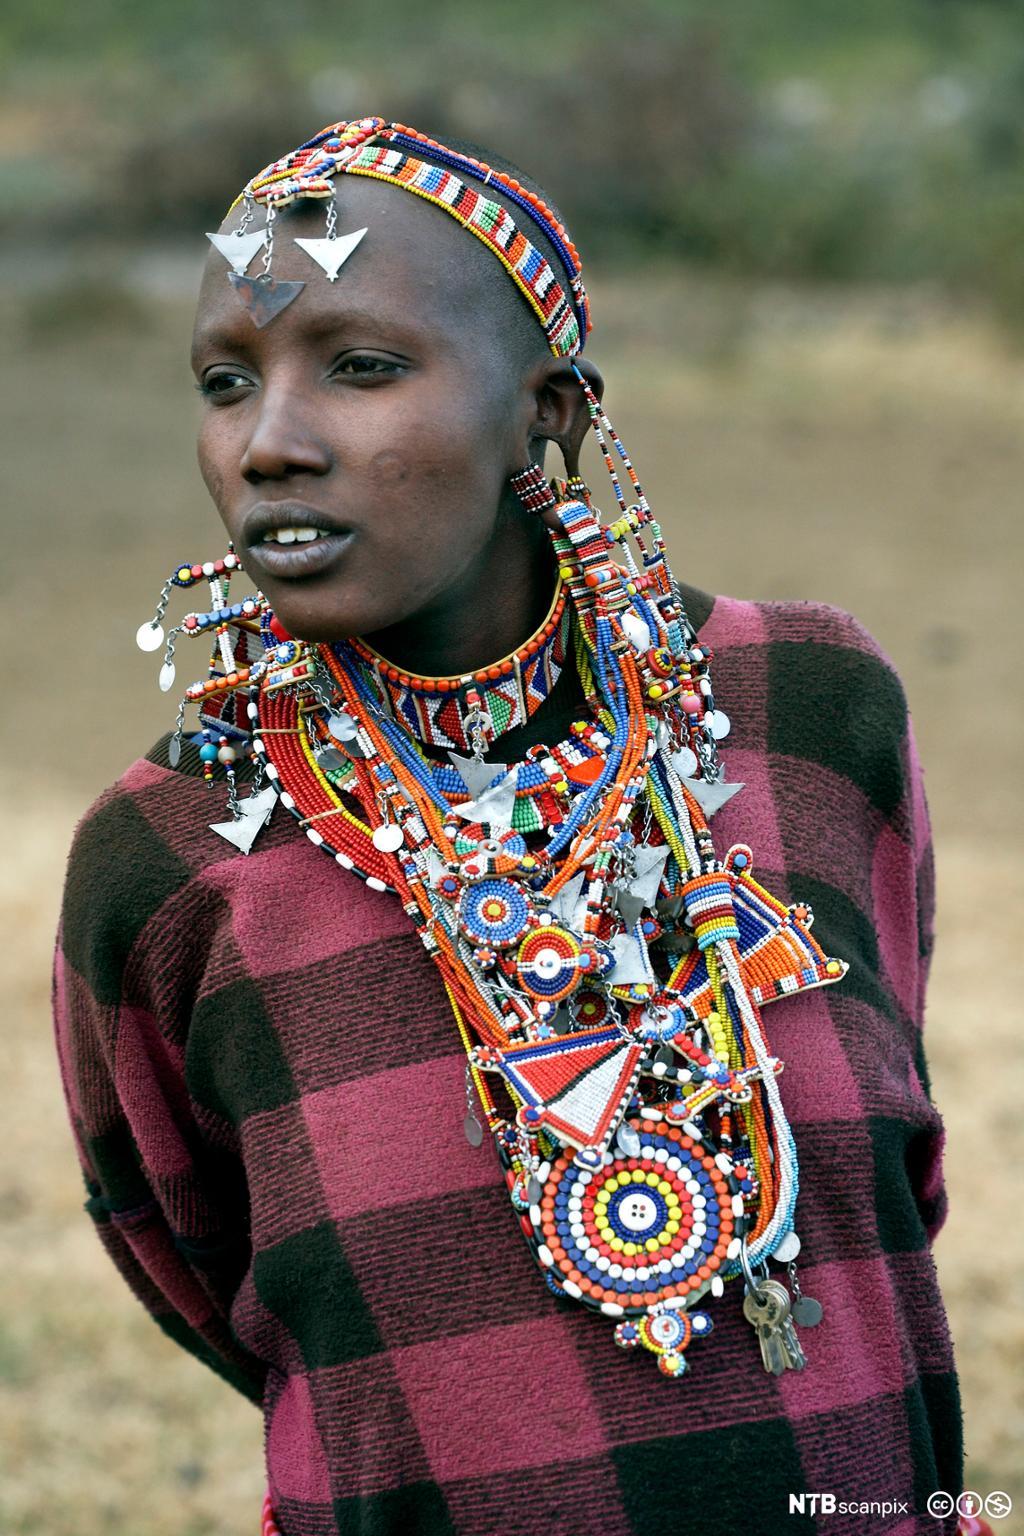 Et fotografi av en masaikvinne